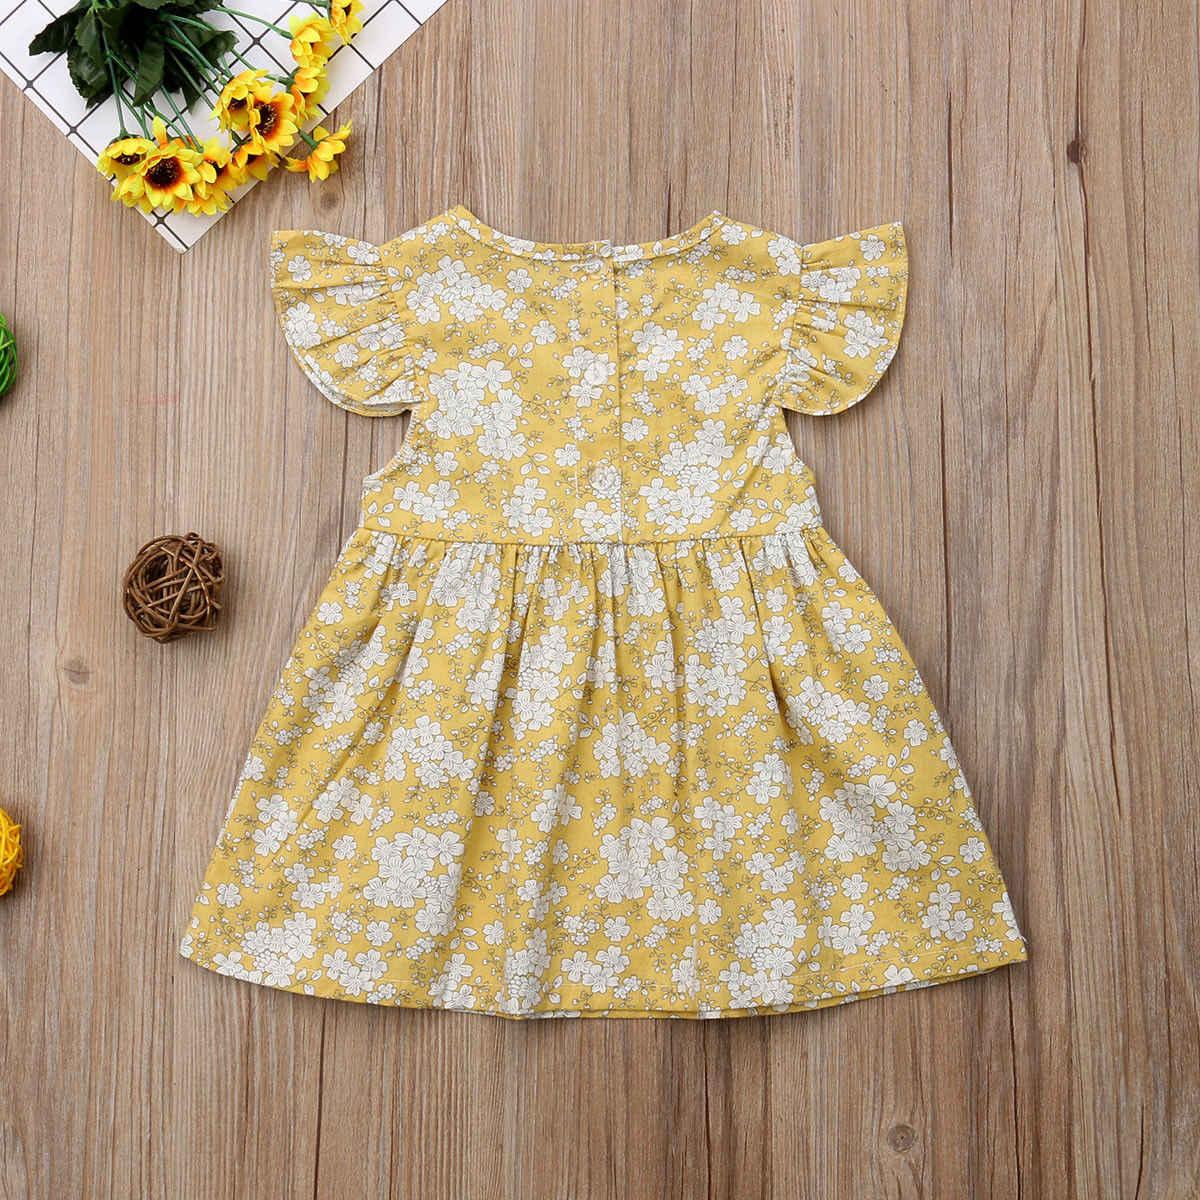 3024c54bc ... Otoño niño niños niñas Floral Fly manga verano vestido Sundress ropa